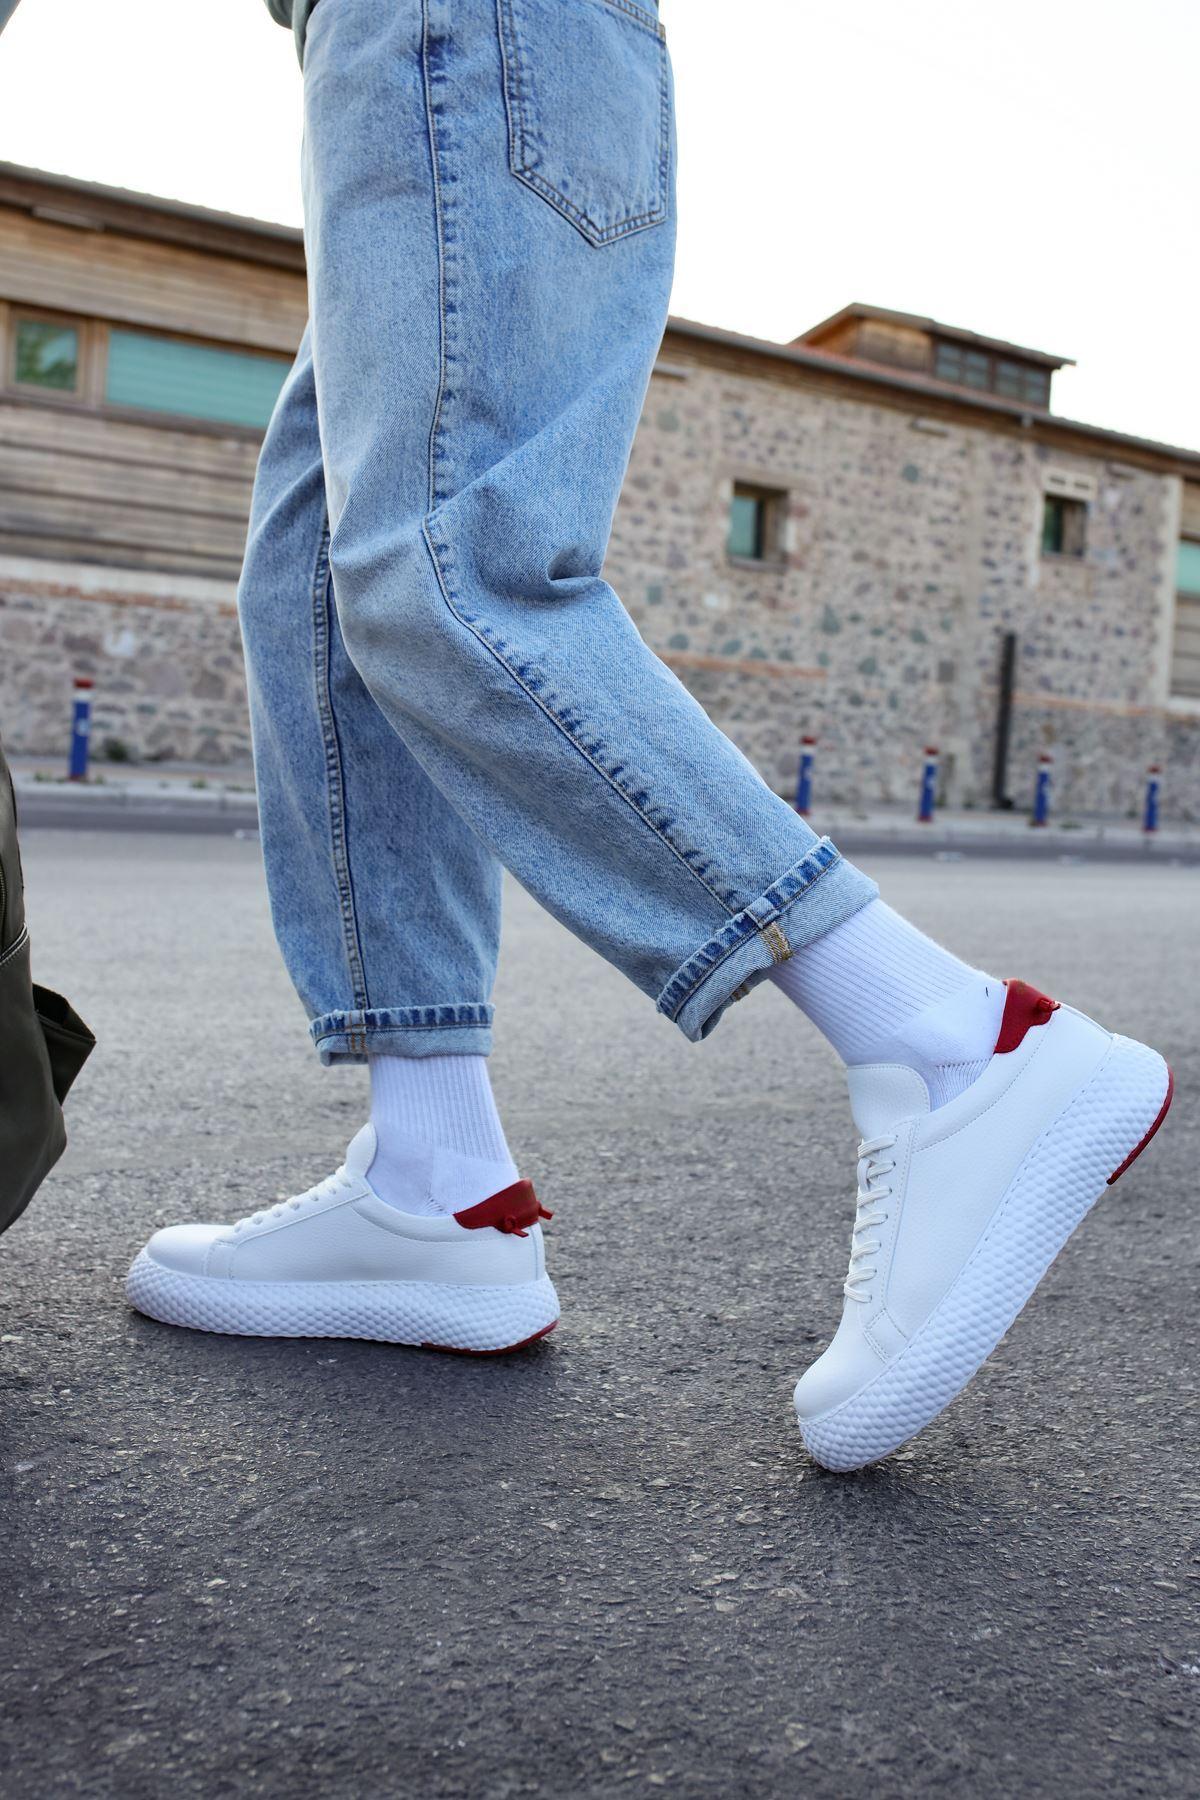 Chekich CH107 GBT Erkek Ayakkabı BEYAZ/KIRMIZI